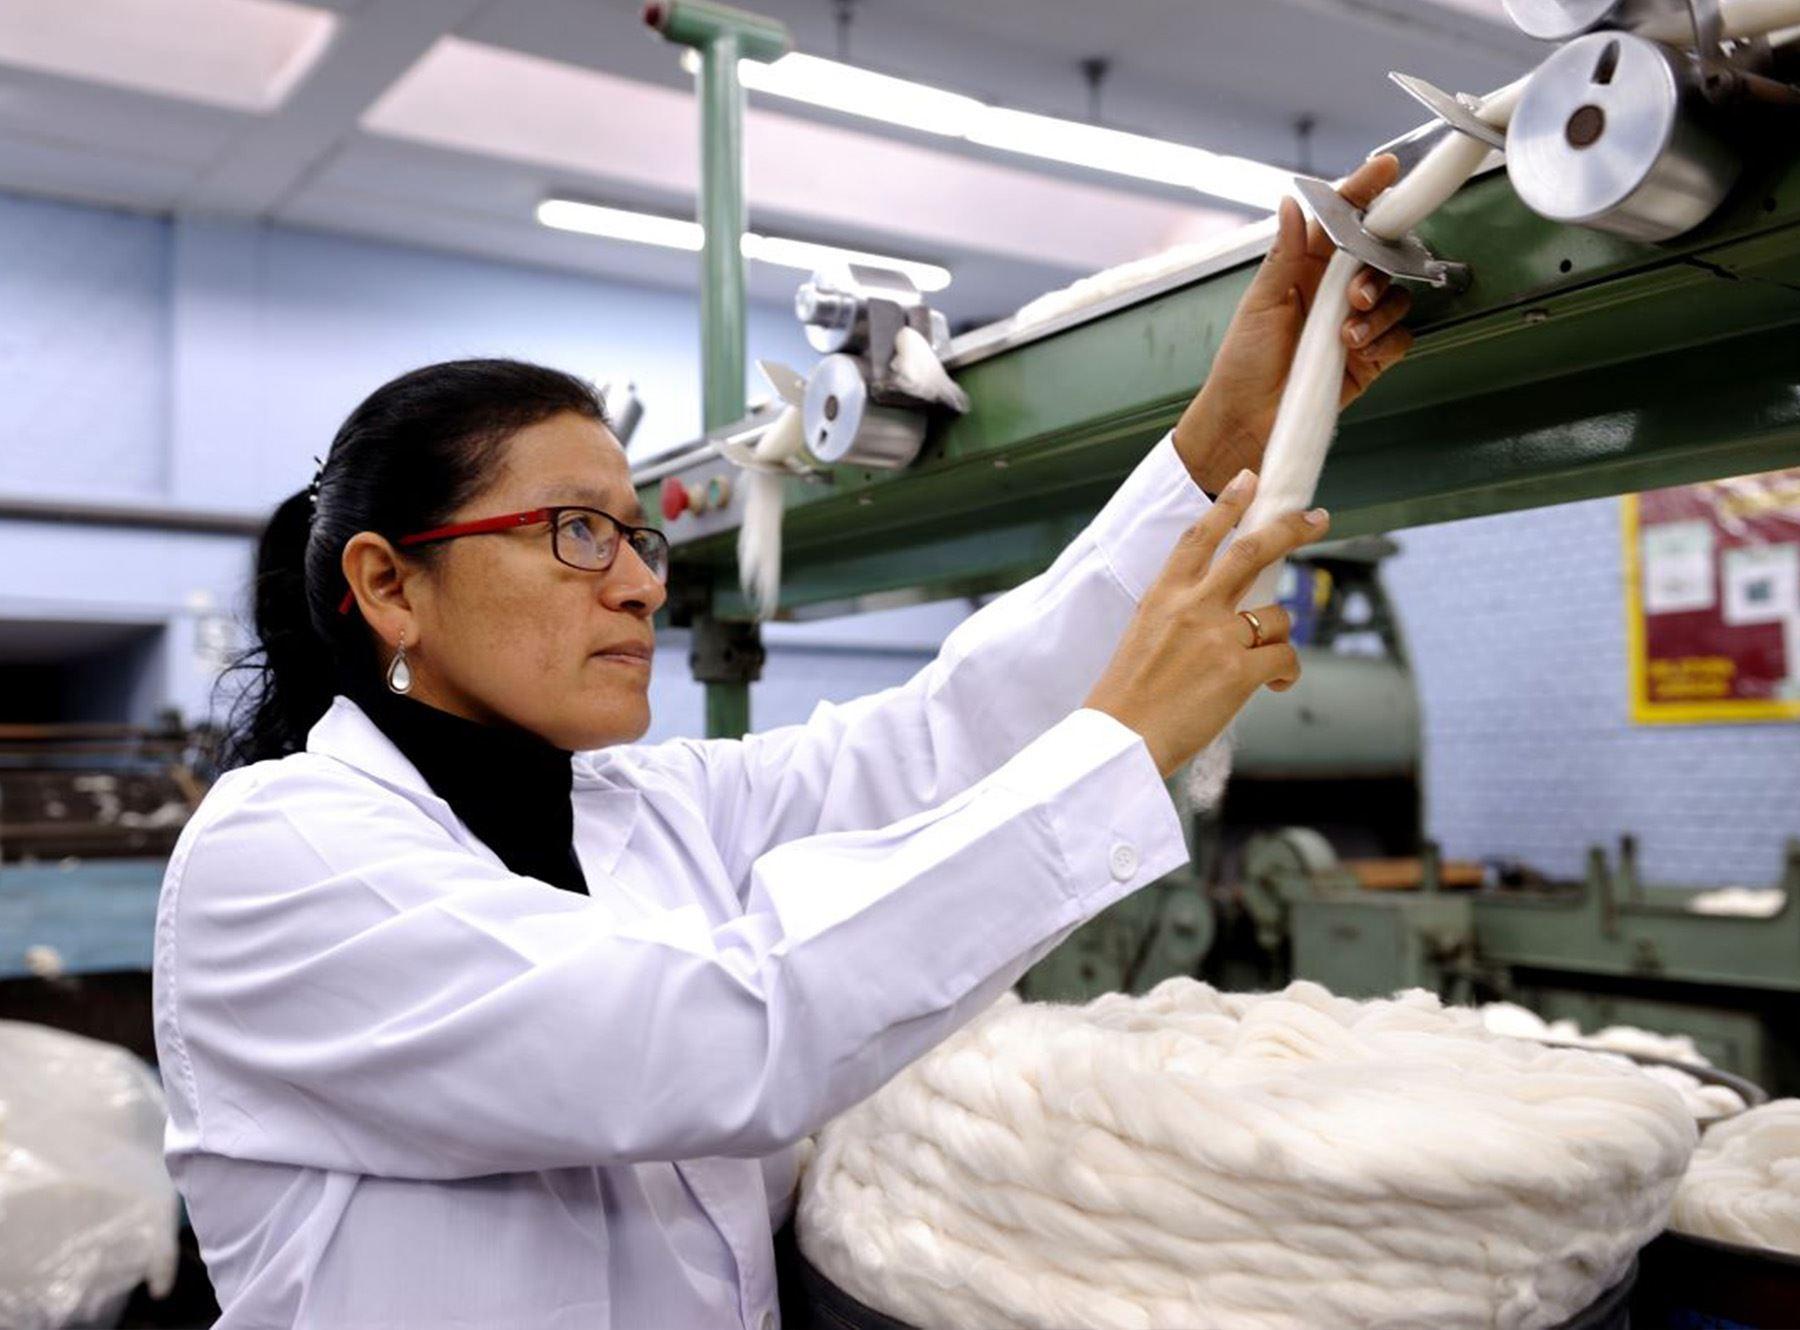 Proyecto de la UNI recibió financiamiento de Concytec para su validación y escalamiento en la industria